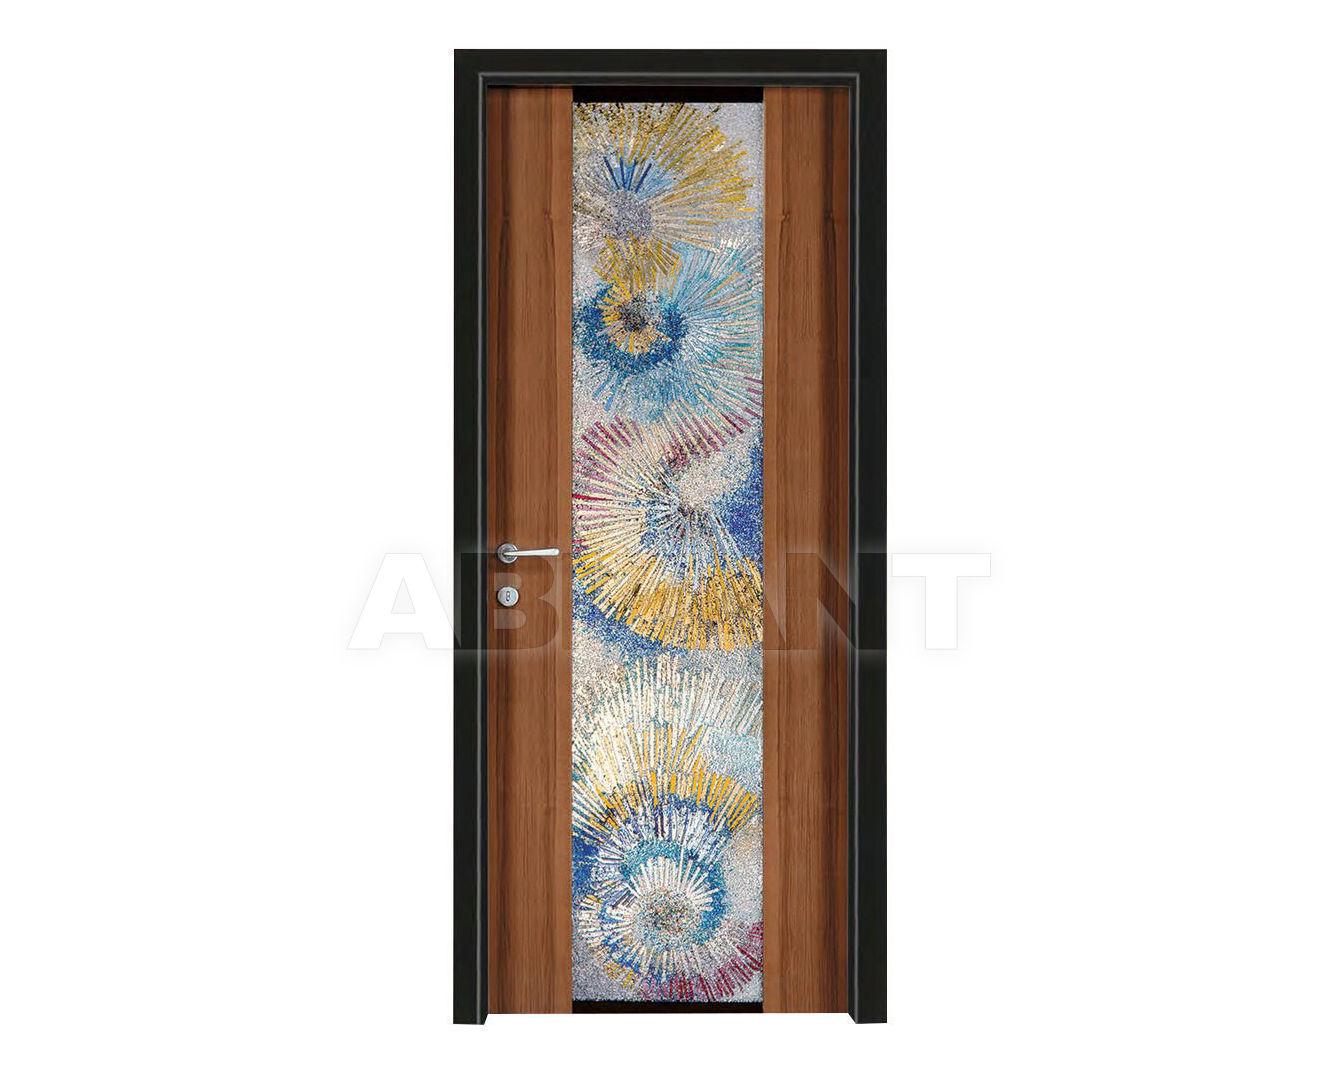 Купить Дверь деревянная Fioravazzi Lisce CHIARA VETRO 1